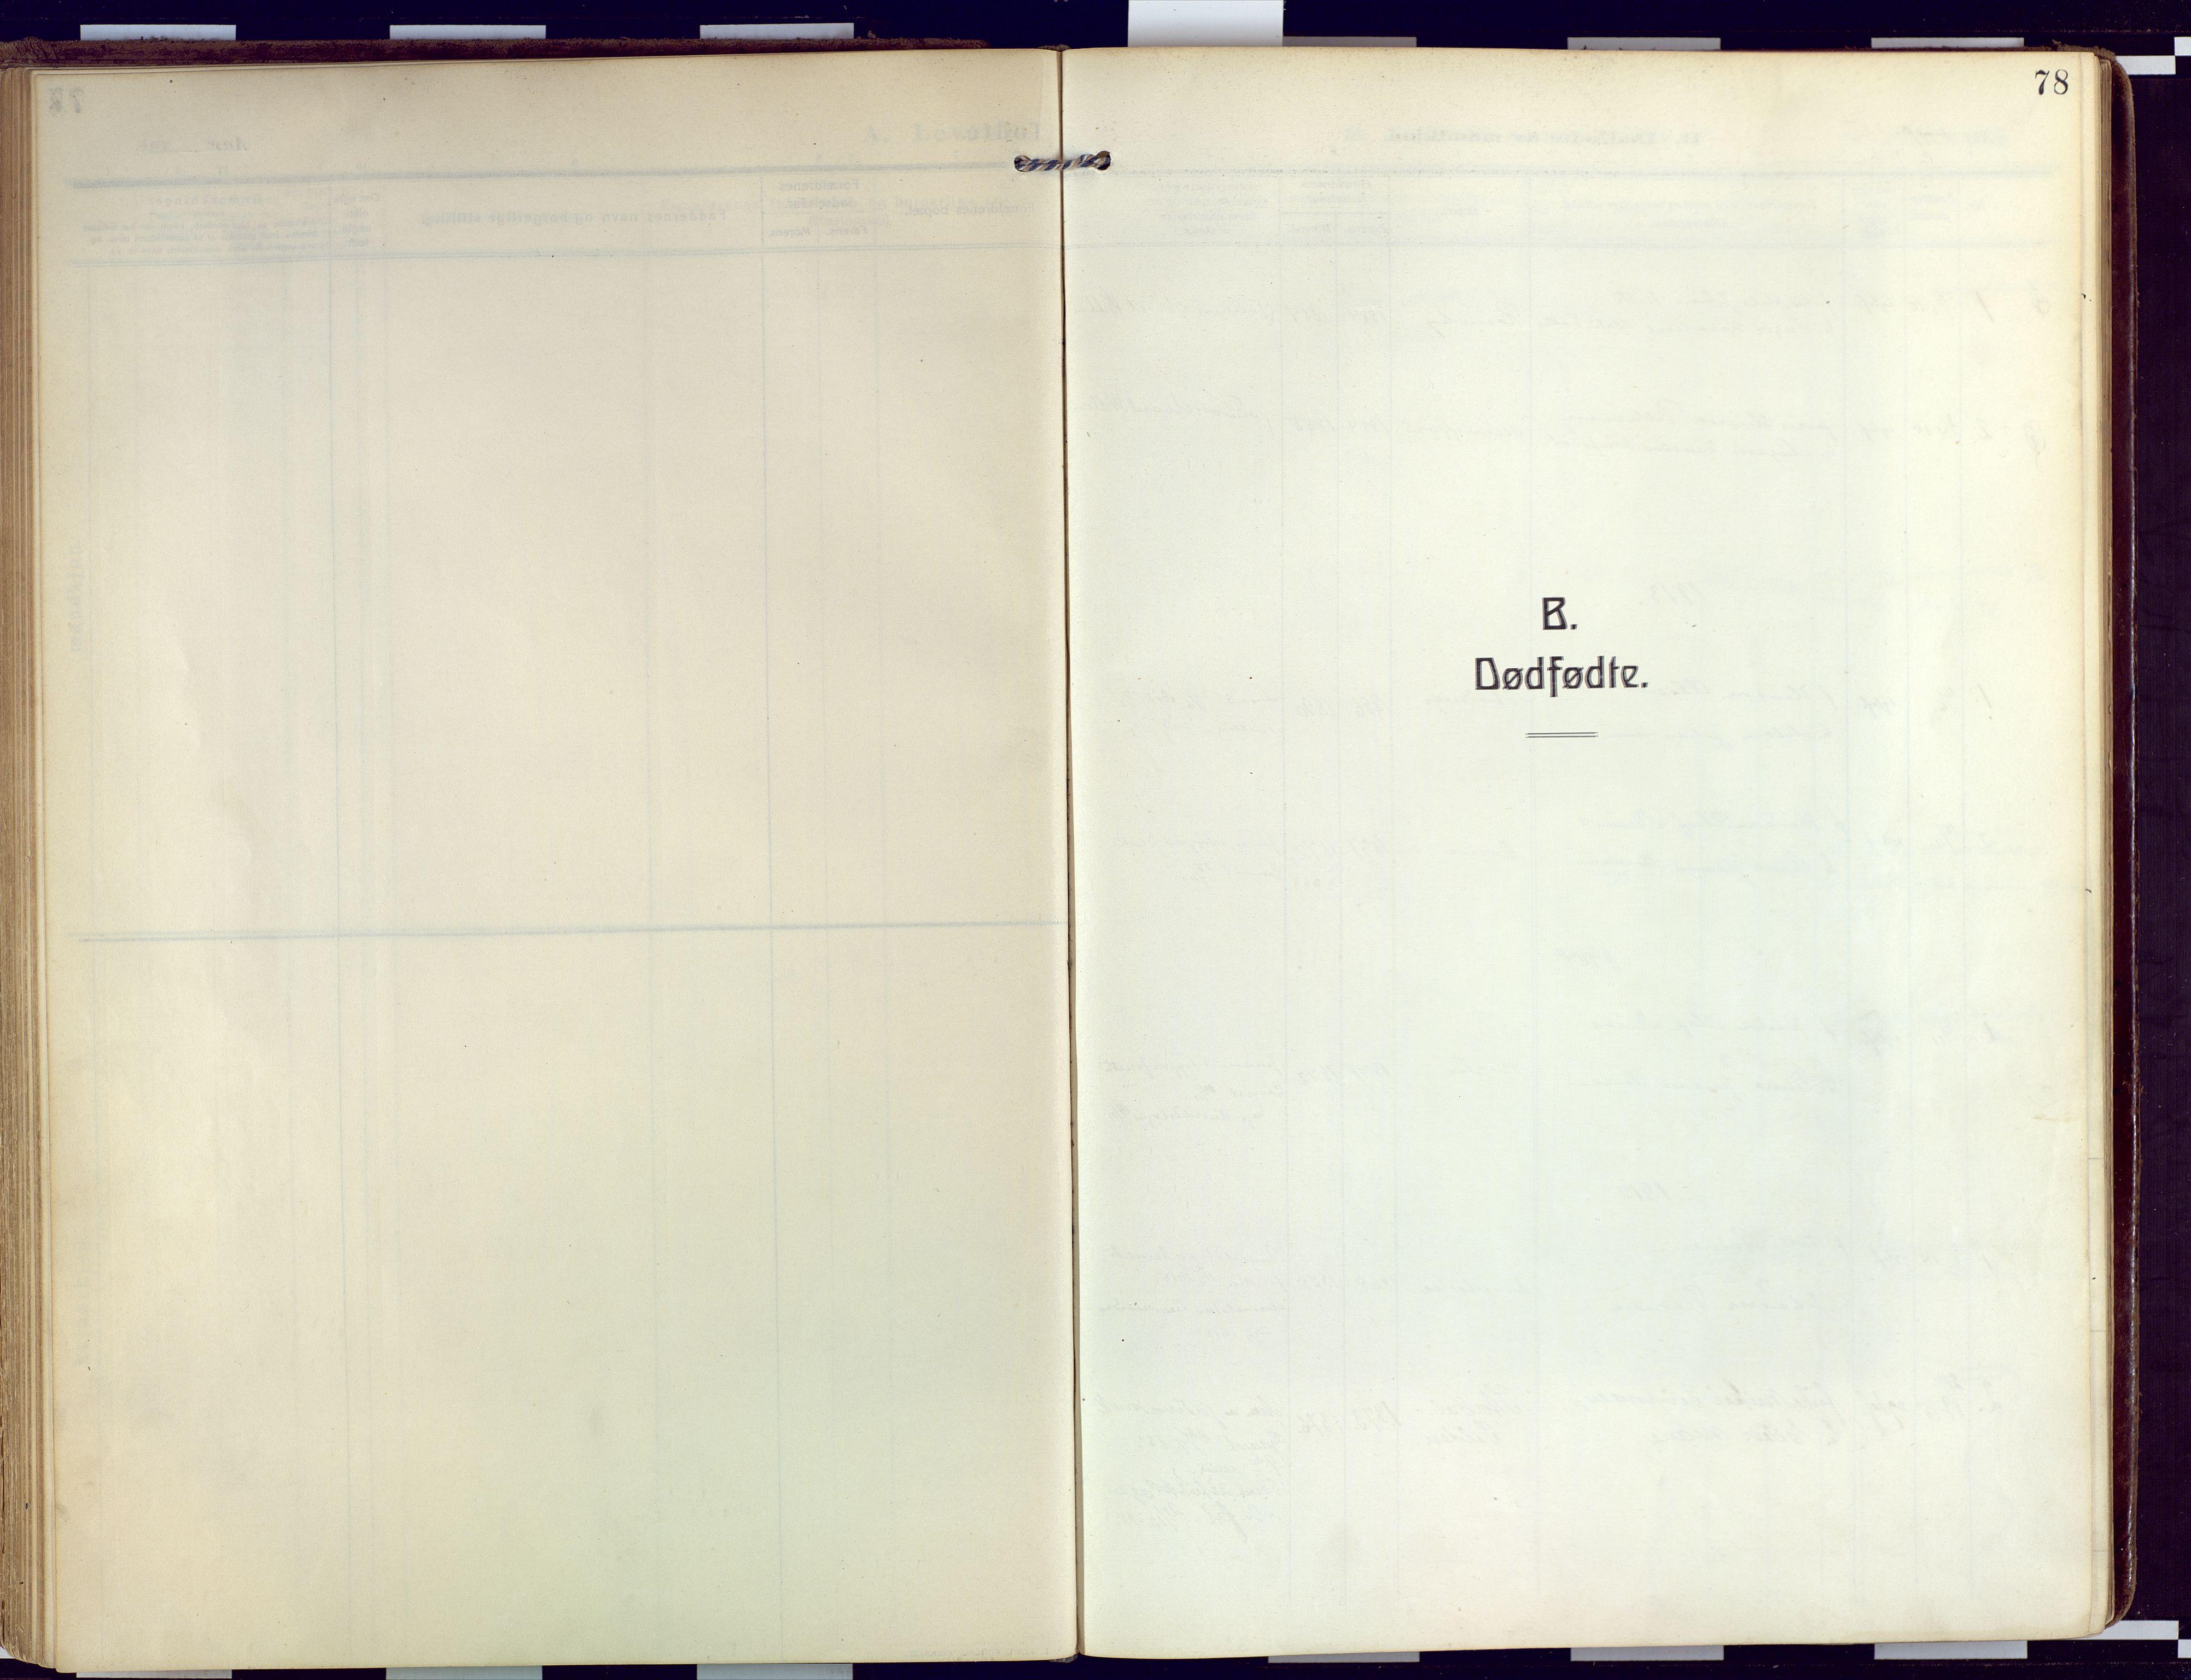 SATØ, Loppa sokneprestkontor, H/Ha/L0011kirke: Ministerialbok nr. 11, 1909-1919, s. 78